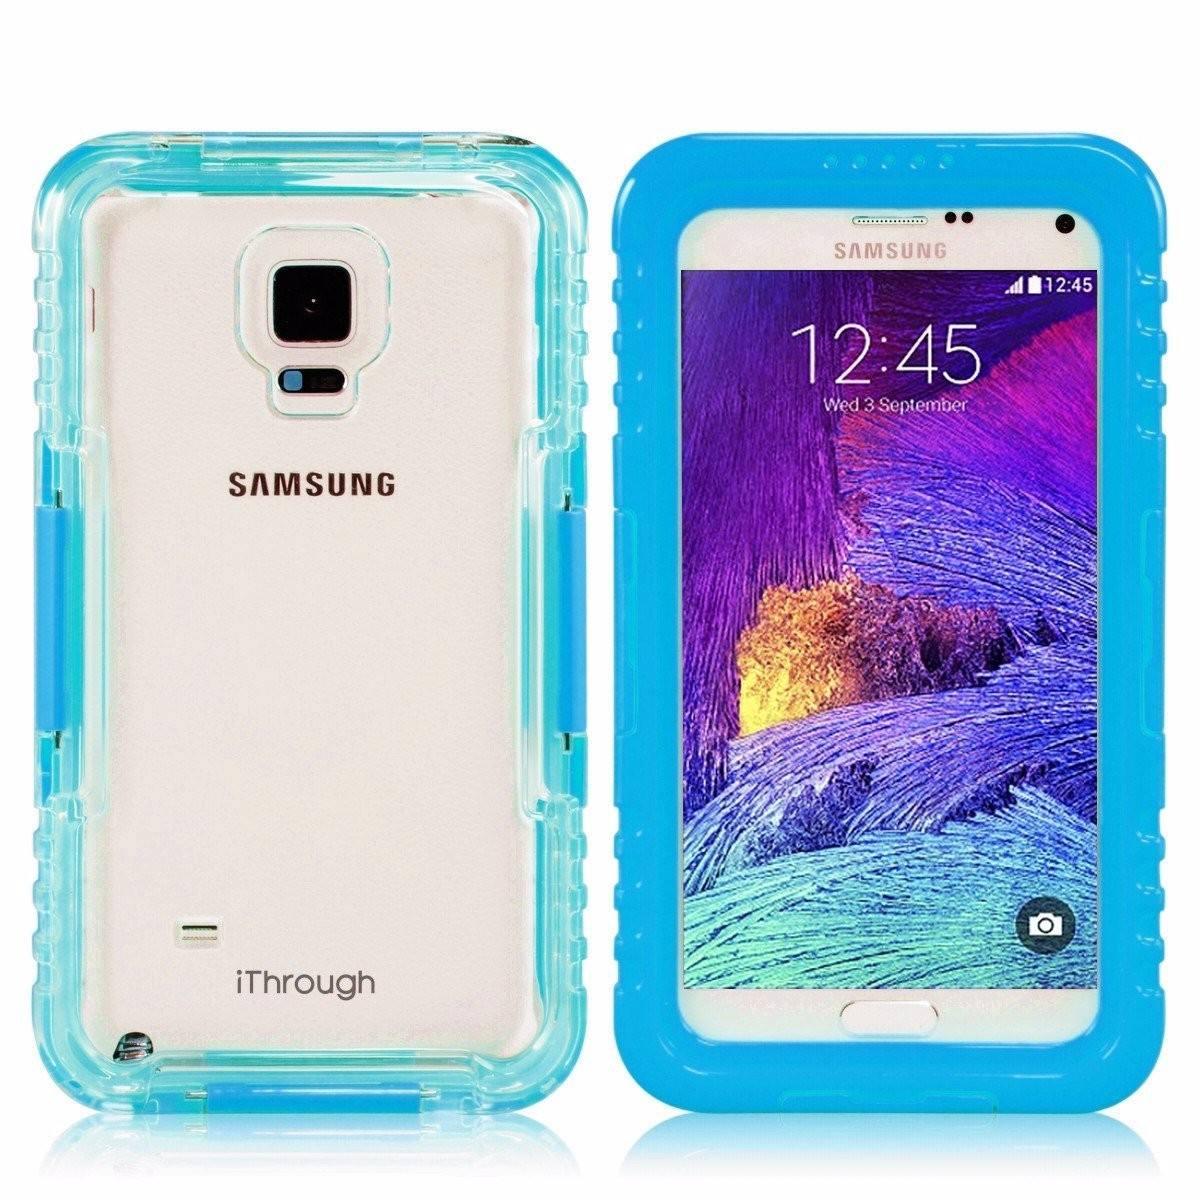 0f699734e4a Funda Para Galaxy Note 4 Waterproof, Acua - $ 650.00 en Mercado Libre